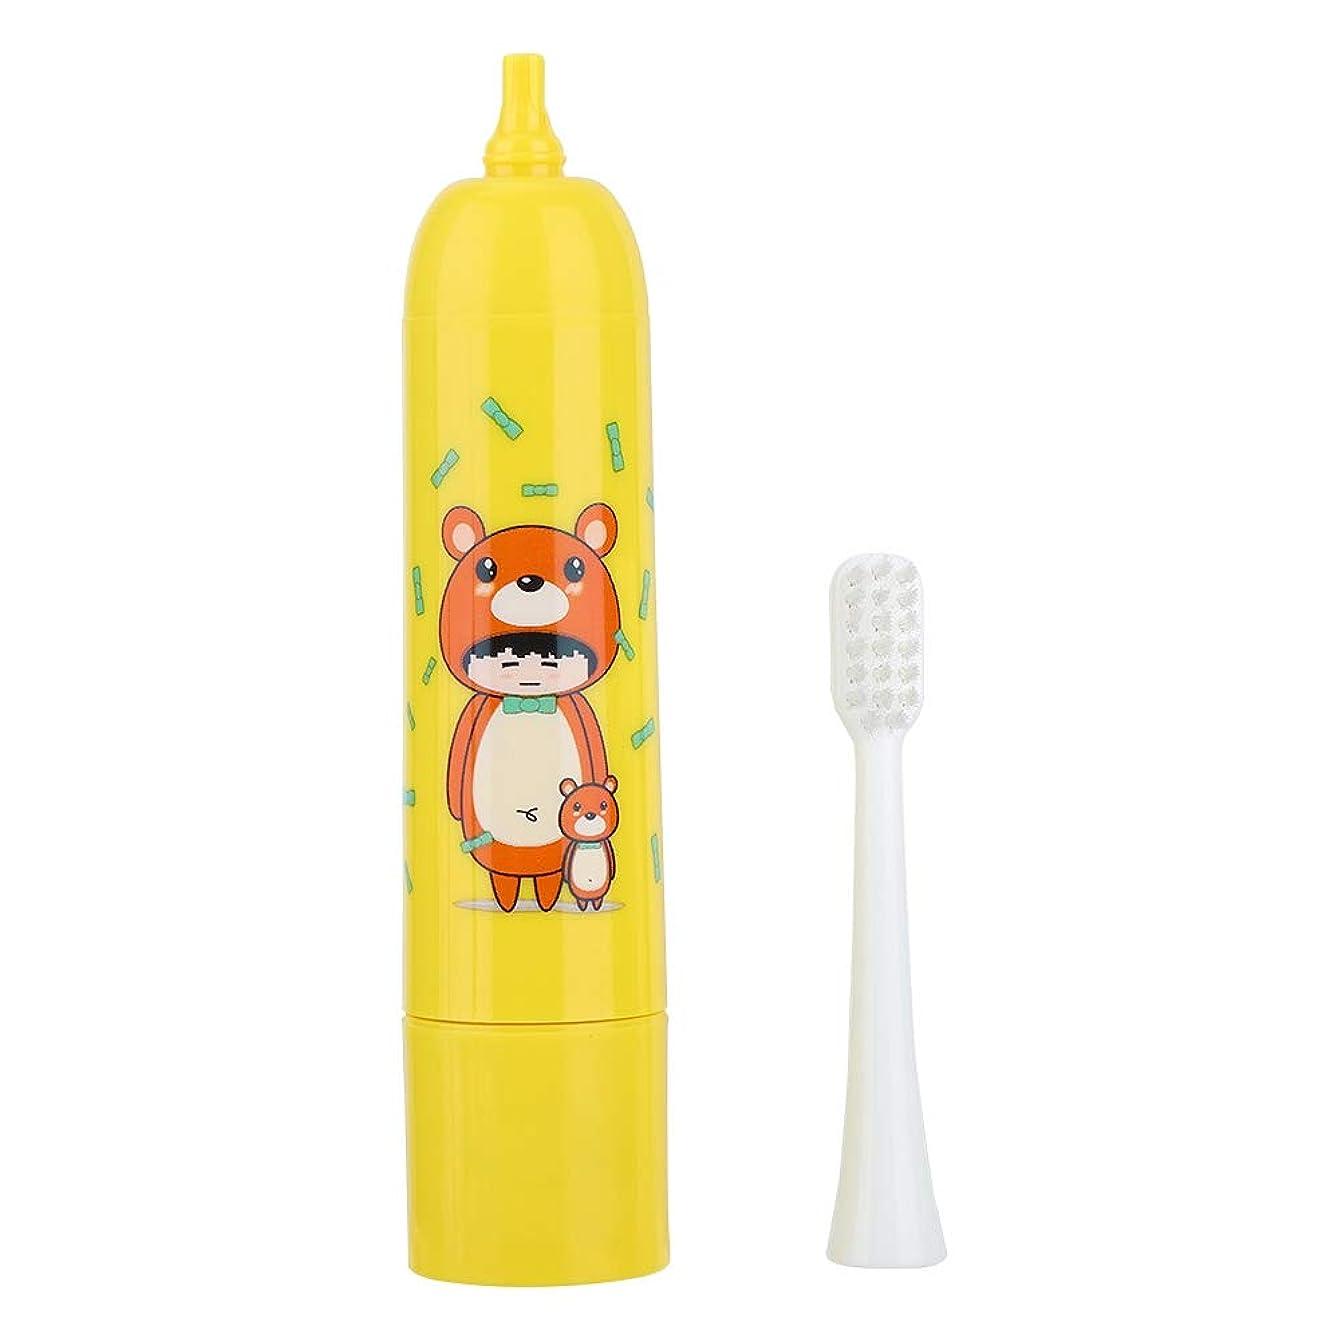 大使館数しない充電式歯ブラシ、電動歯ブラシ自動タイマーと精密クリーンブラシヘッドで口腔ヘルスケアのための深いクリーニング(2#)